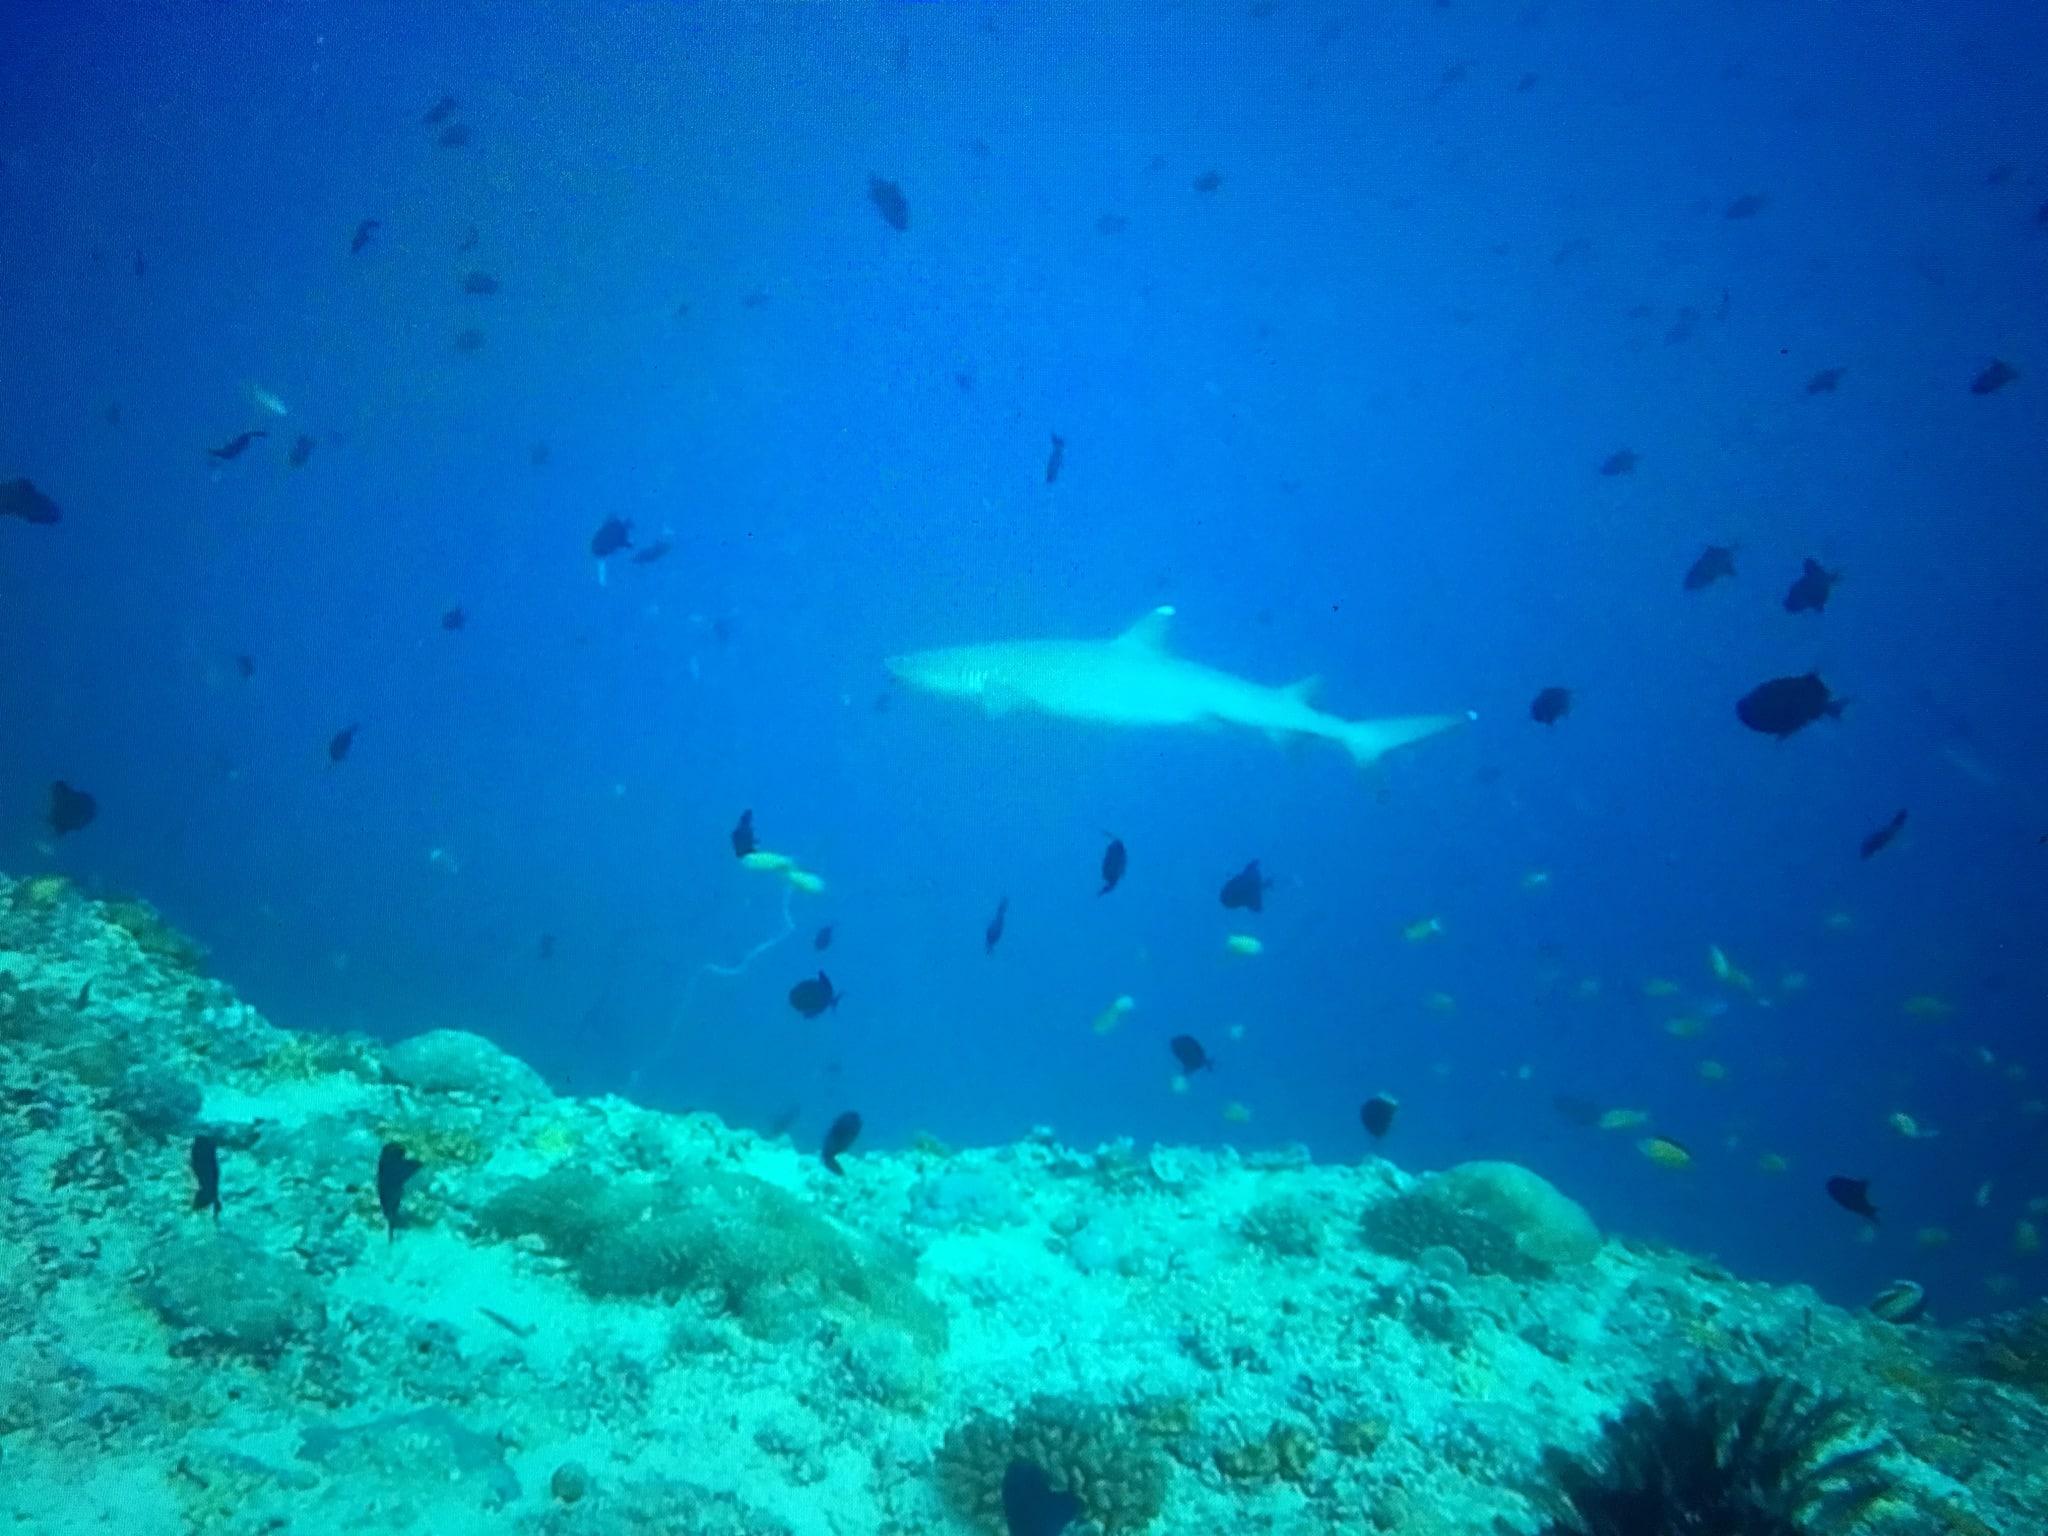 Ein Hai aus der Ferne beim Tauchen fotografiert – wer an den richtigen Tauchplätzen ins Wasser geht, kann dutzende Tiere beobachten. Foto: Sascha Tegtmeyer Reisebericht Malediven Tipps